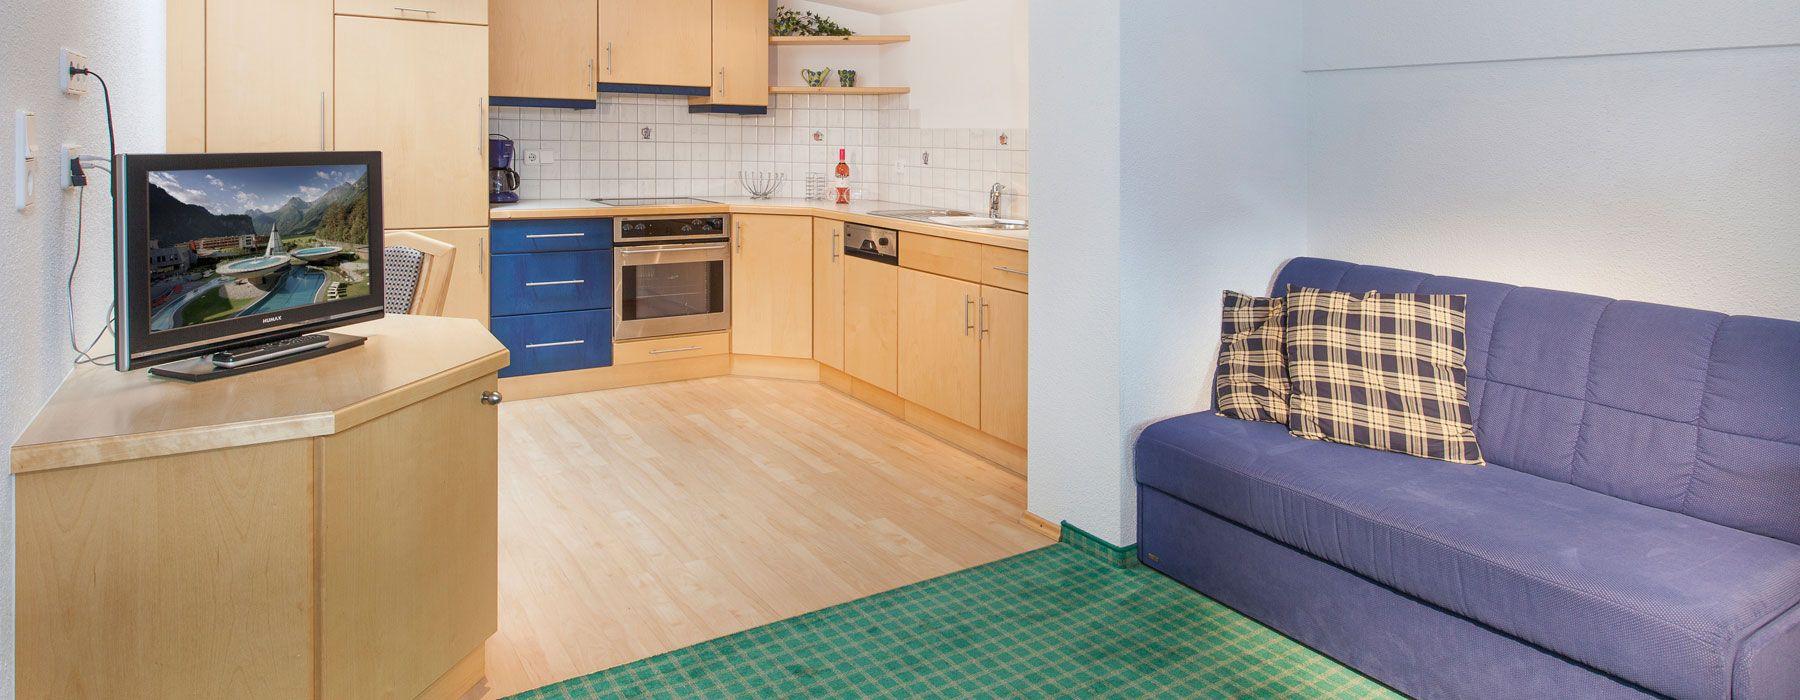 preise f r zimmer und appartements franzele s lden. Black Bedroom Furniture Sets. Home Design Ideas